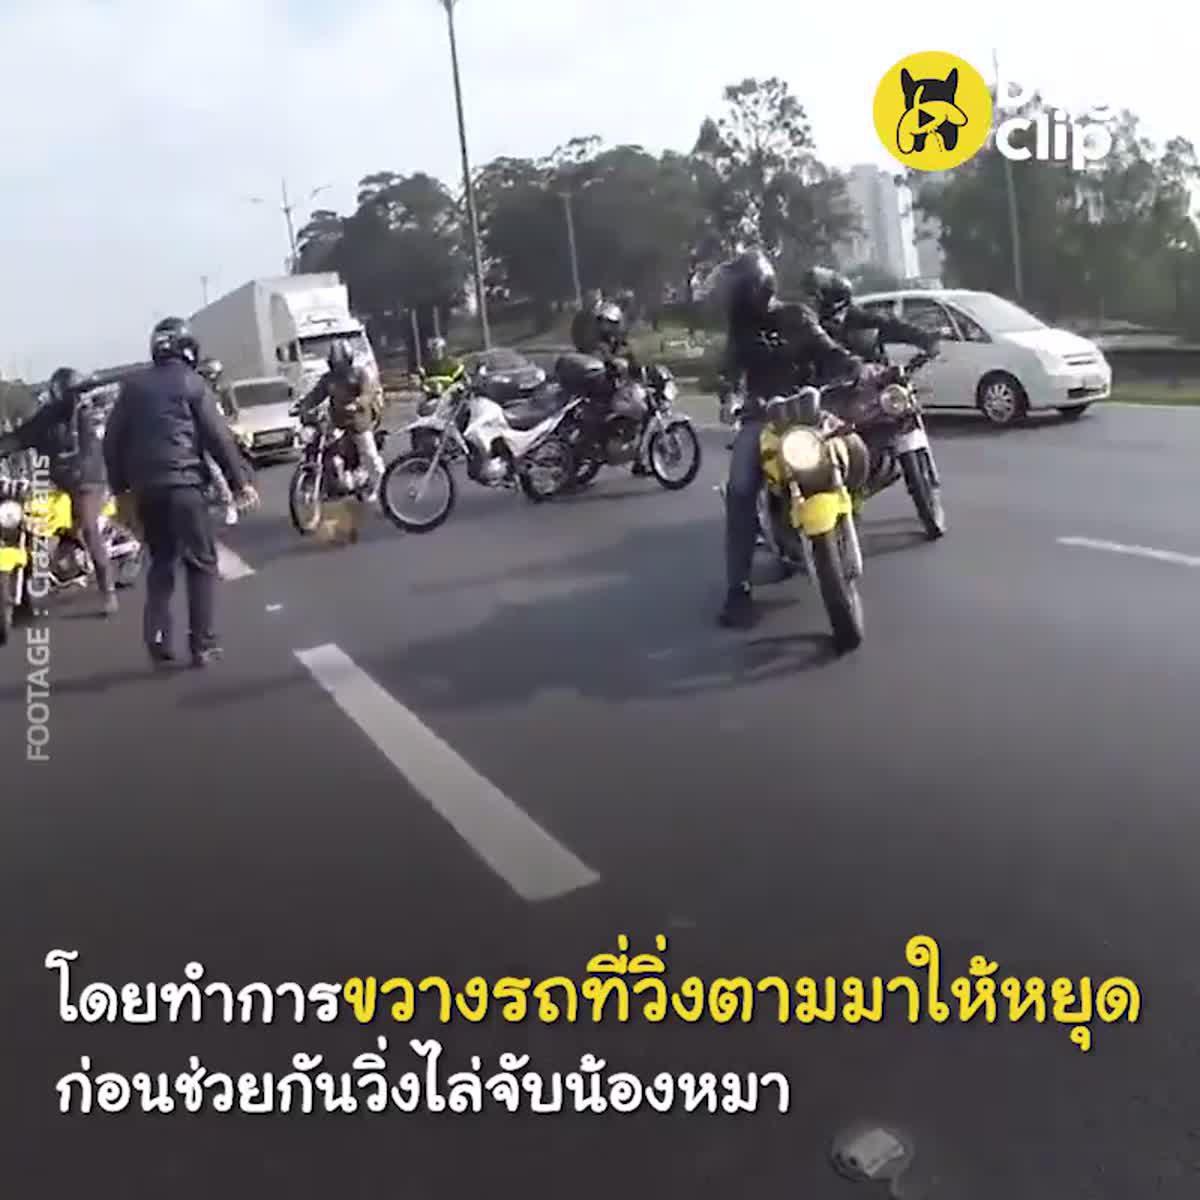 กลุ่มไบค์เกอร์ร่วมใจหยุดรถช่วยน้องหมากลางถนน